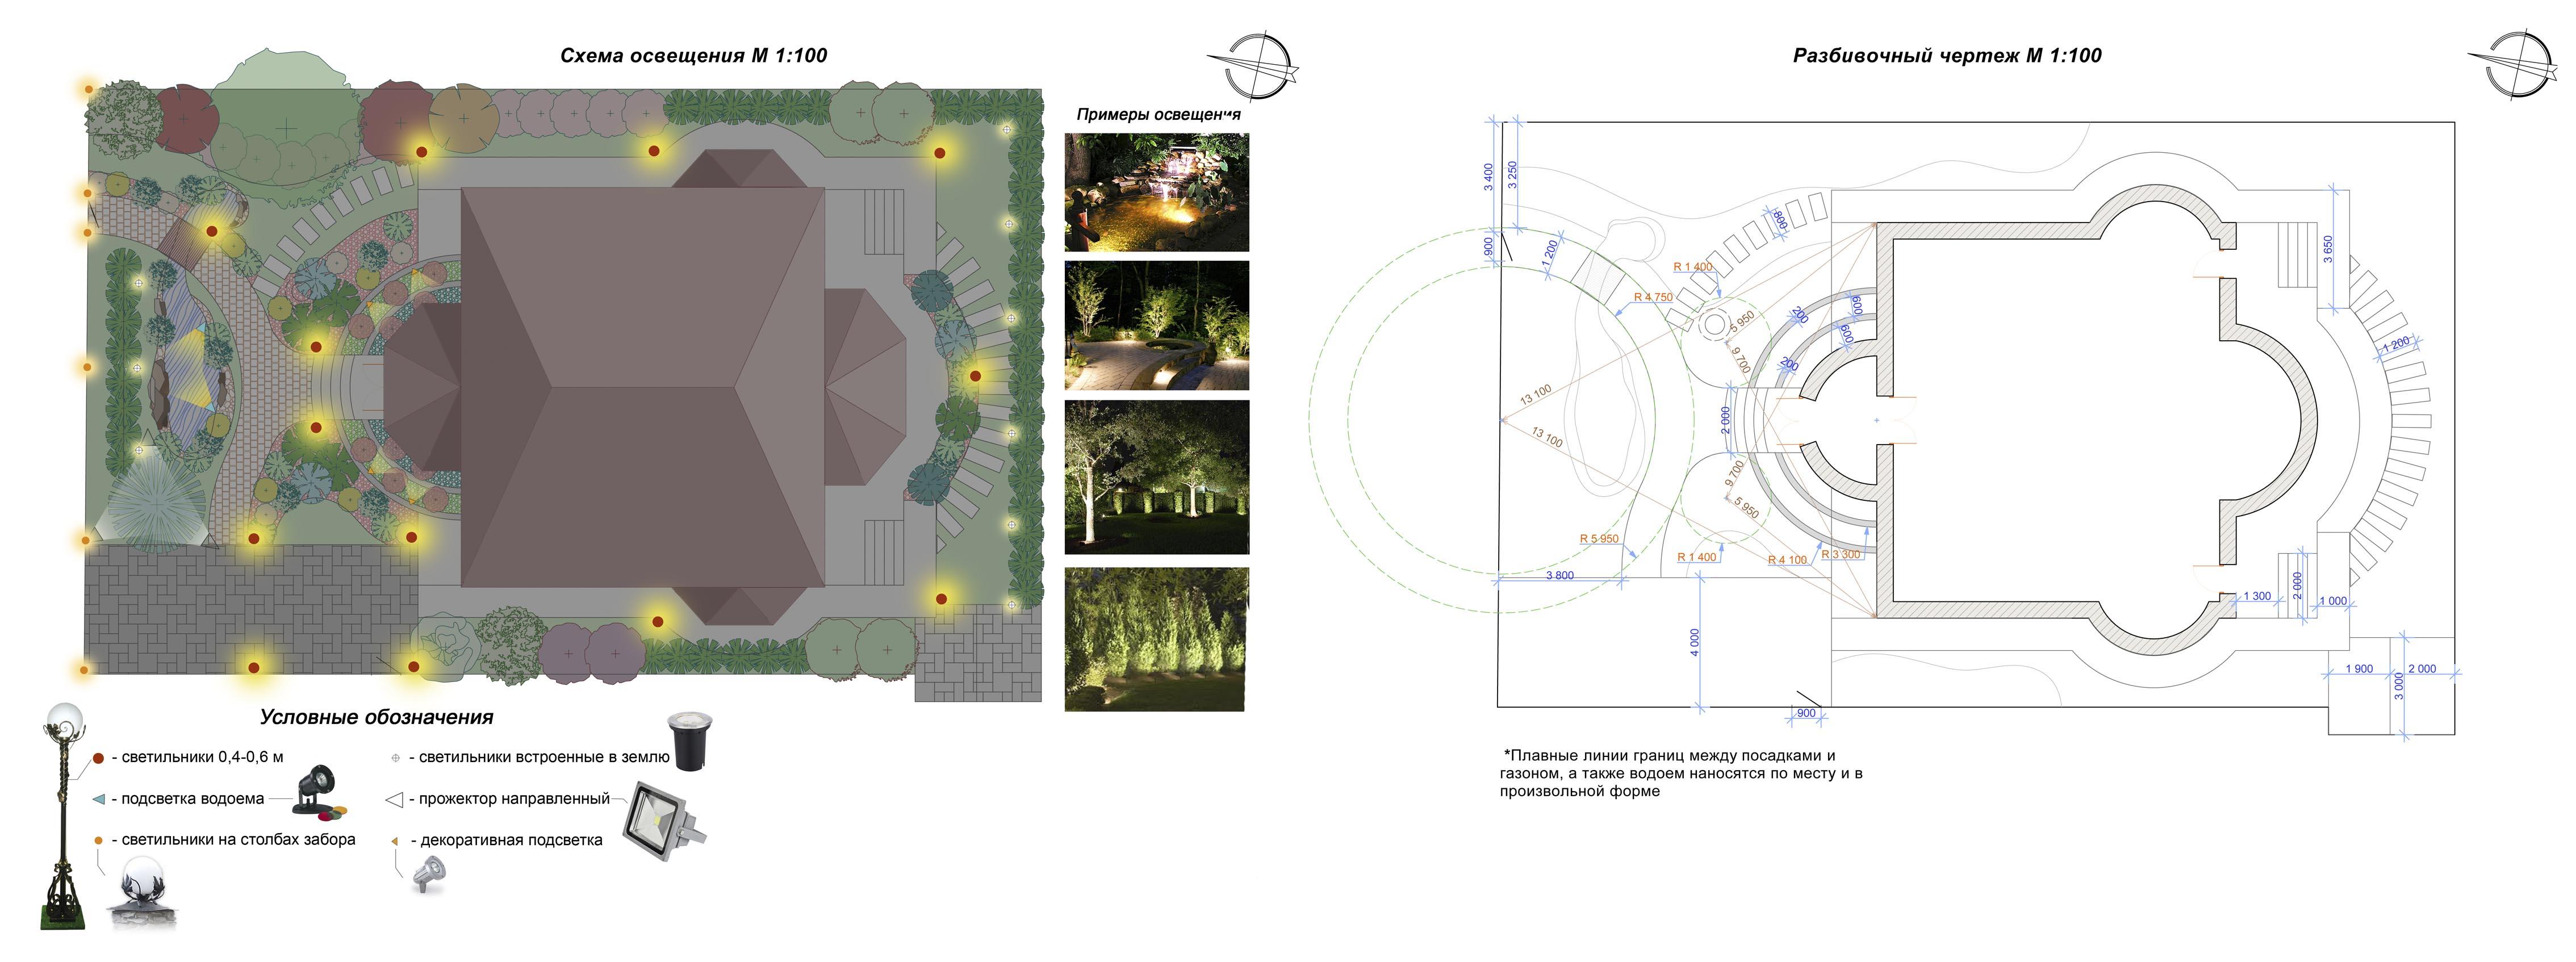 Проектирование электроснабжения на ландшафт электроснабжение в Тучковская улица